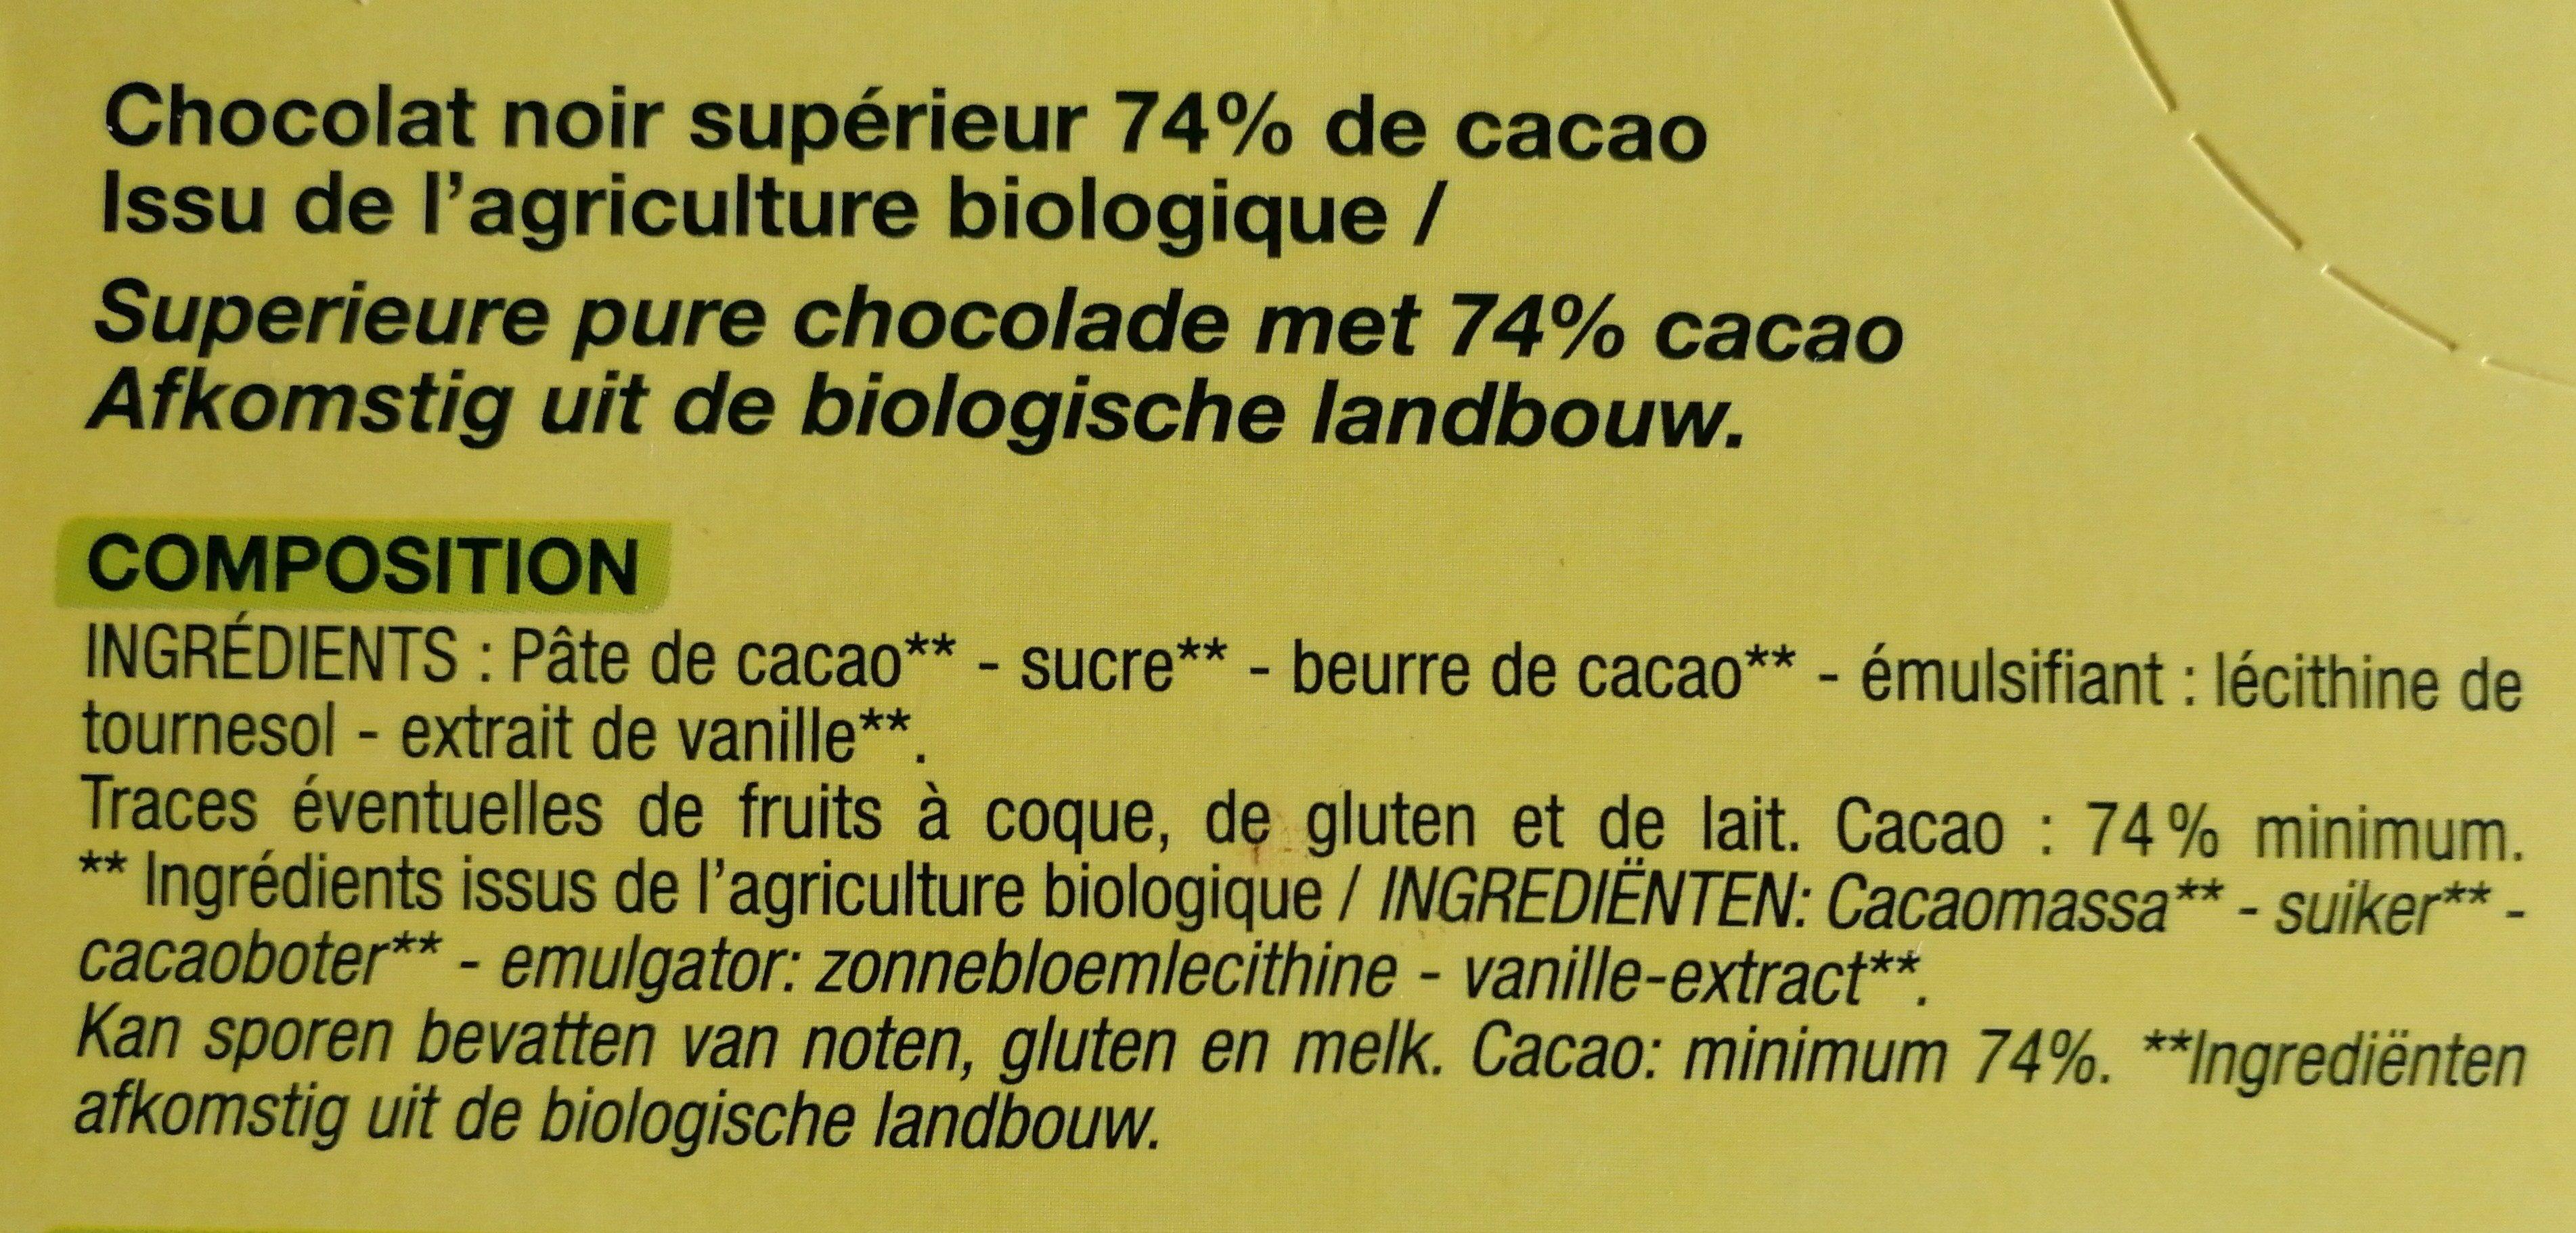 Chocolat noir nature bio - Ingredients - fr